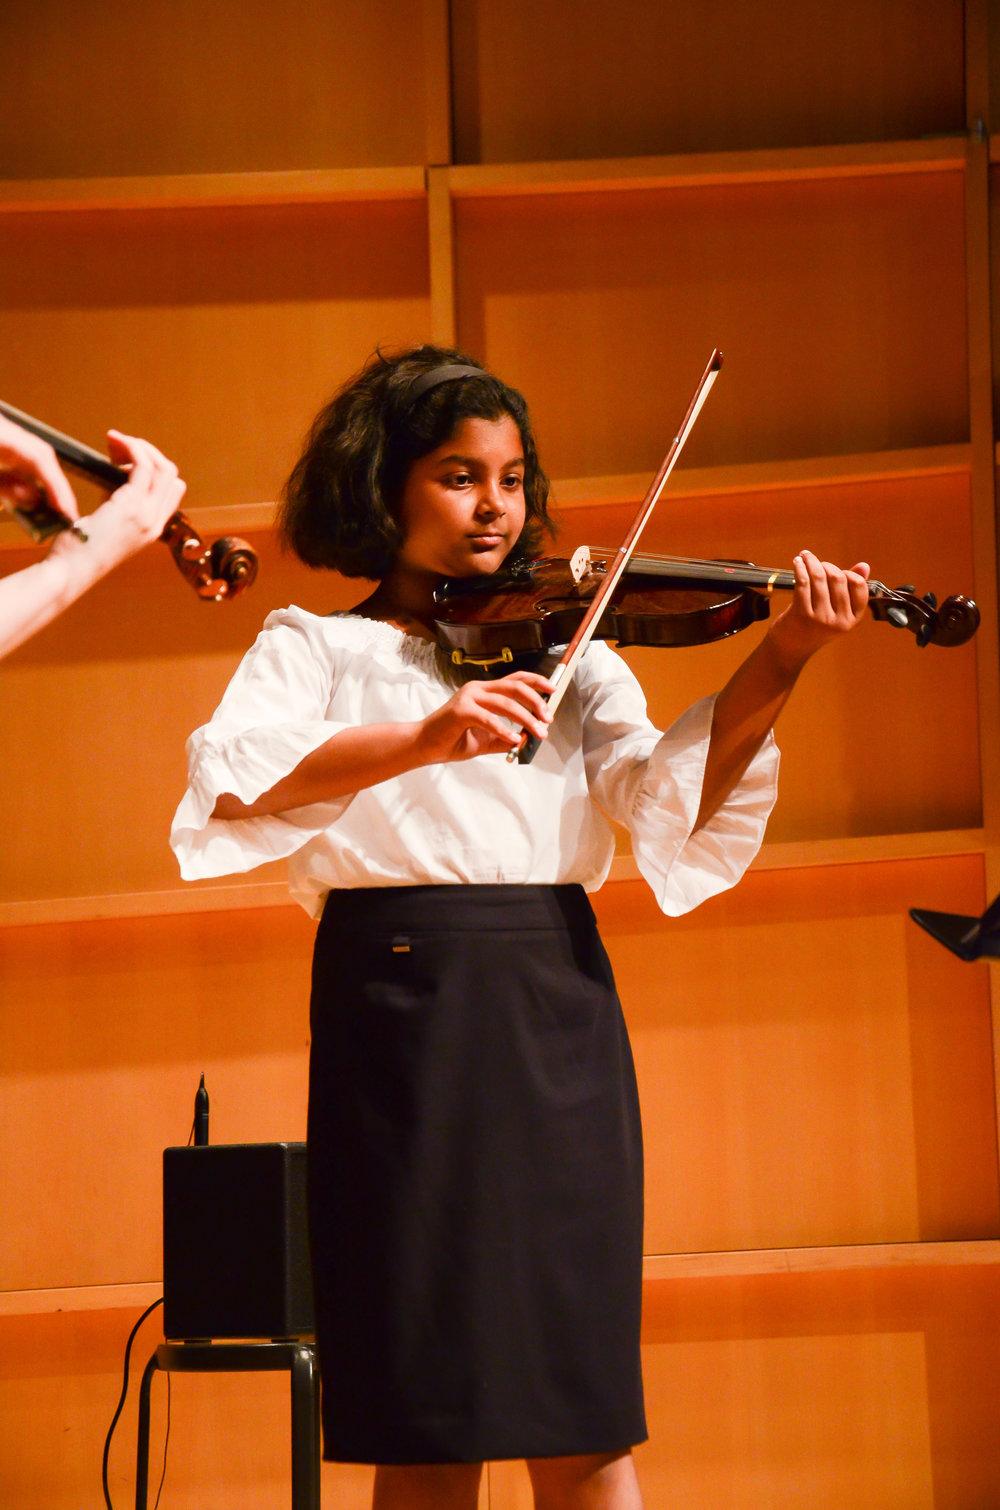 violin-lessons-in-fort-lee.jpg